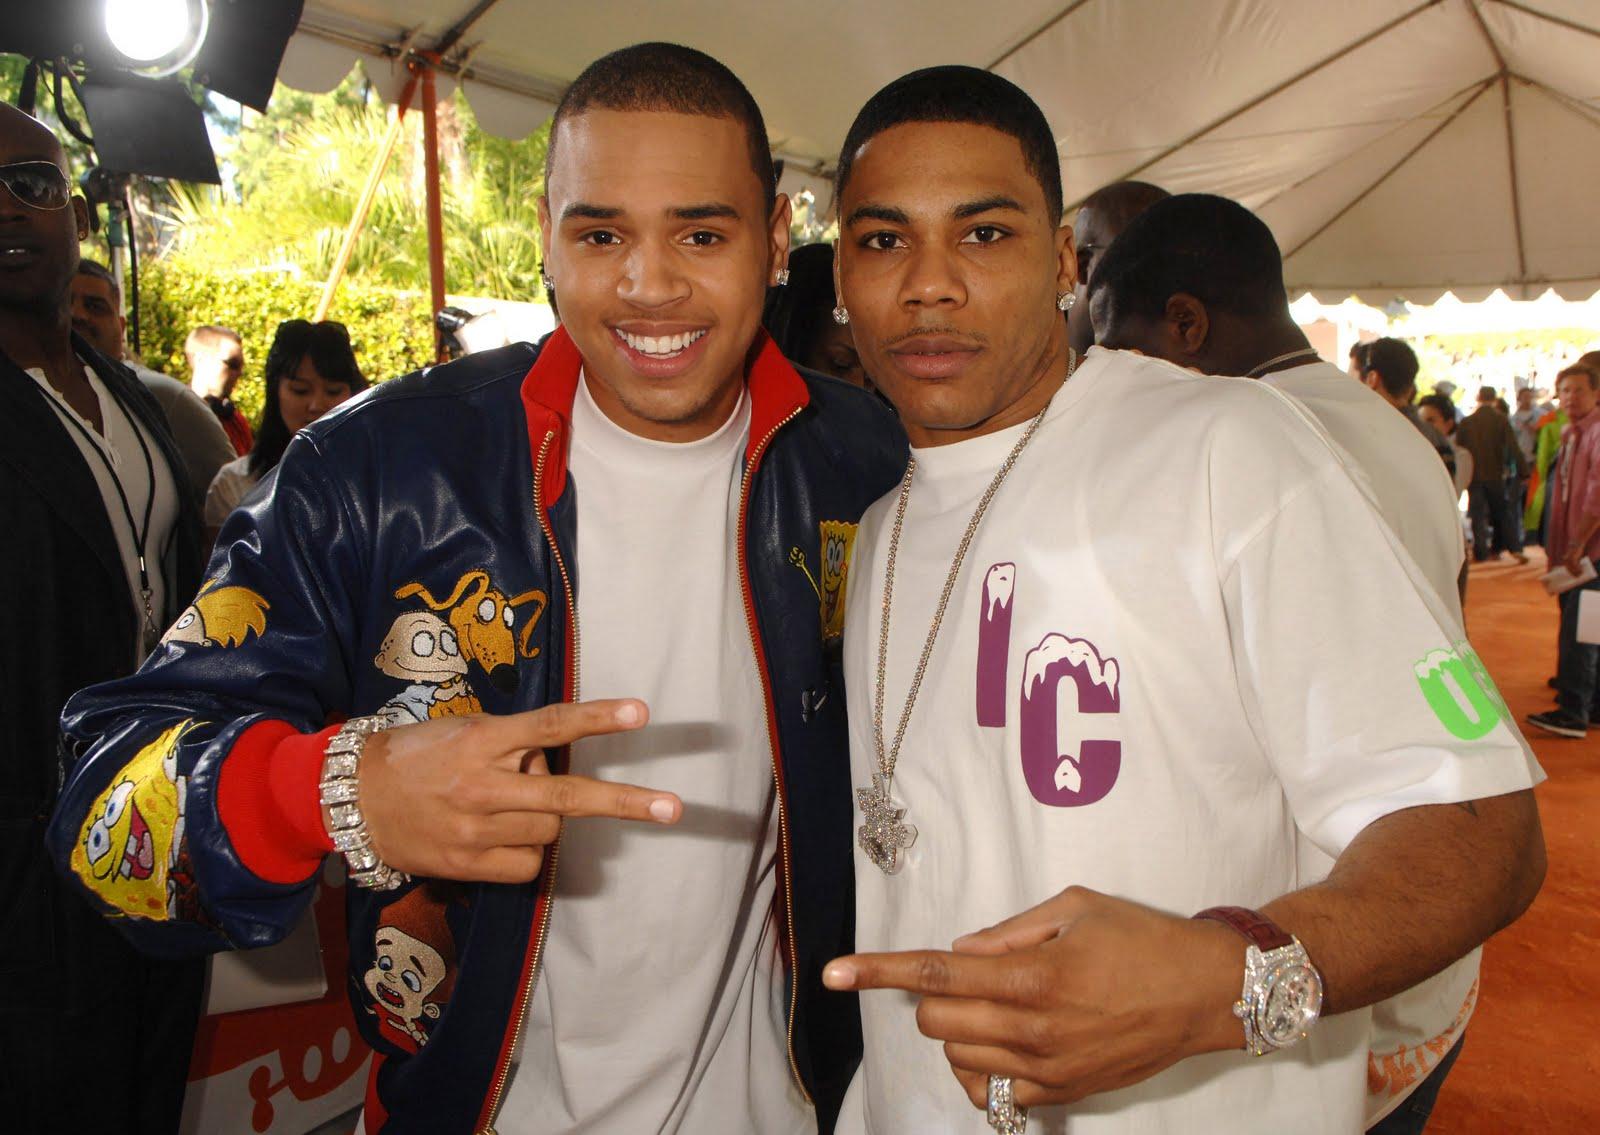 http://4.bp.blogspot.com/_rp8shZ4n3kY/TOPTsH9a3XI/AAAAAAAAAdU/D4b-rER4TaI/s1600/ChrisBrown_Nelly_OC_max.jpg